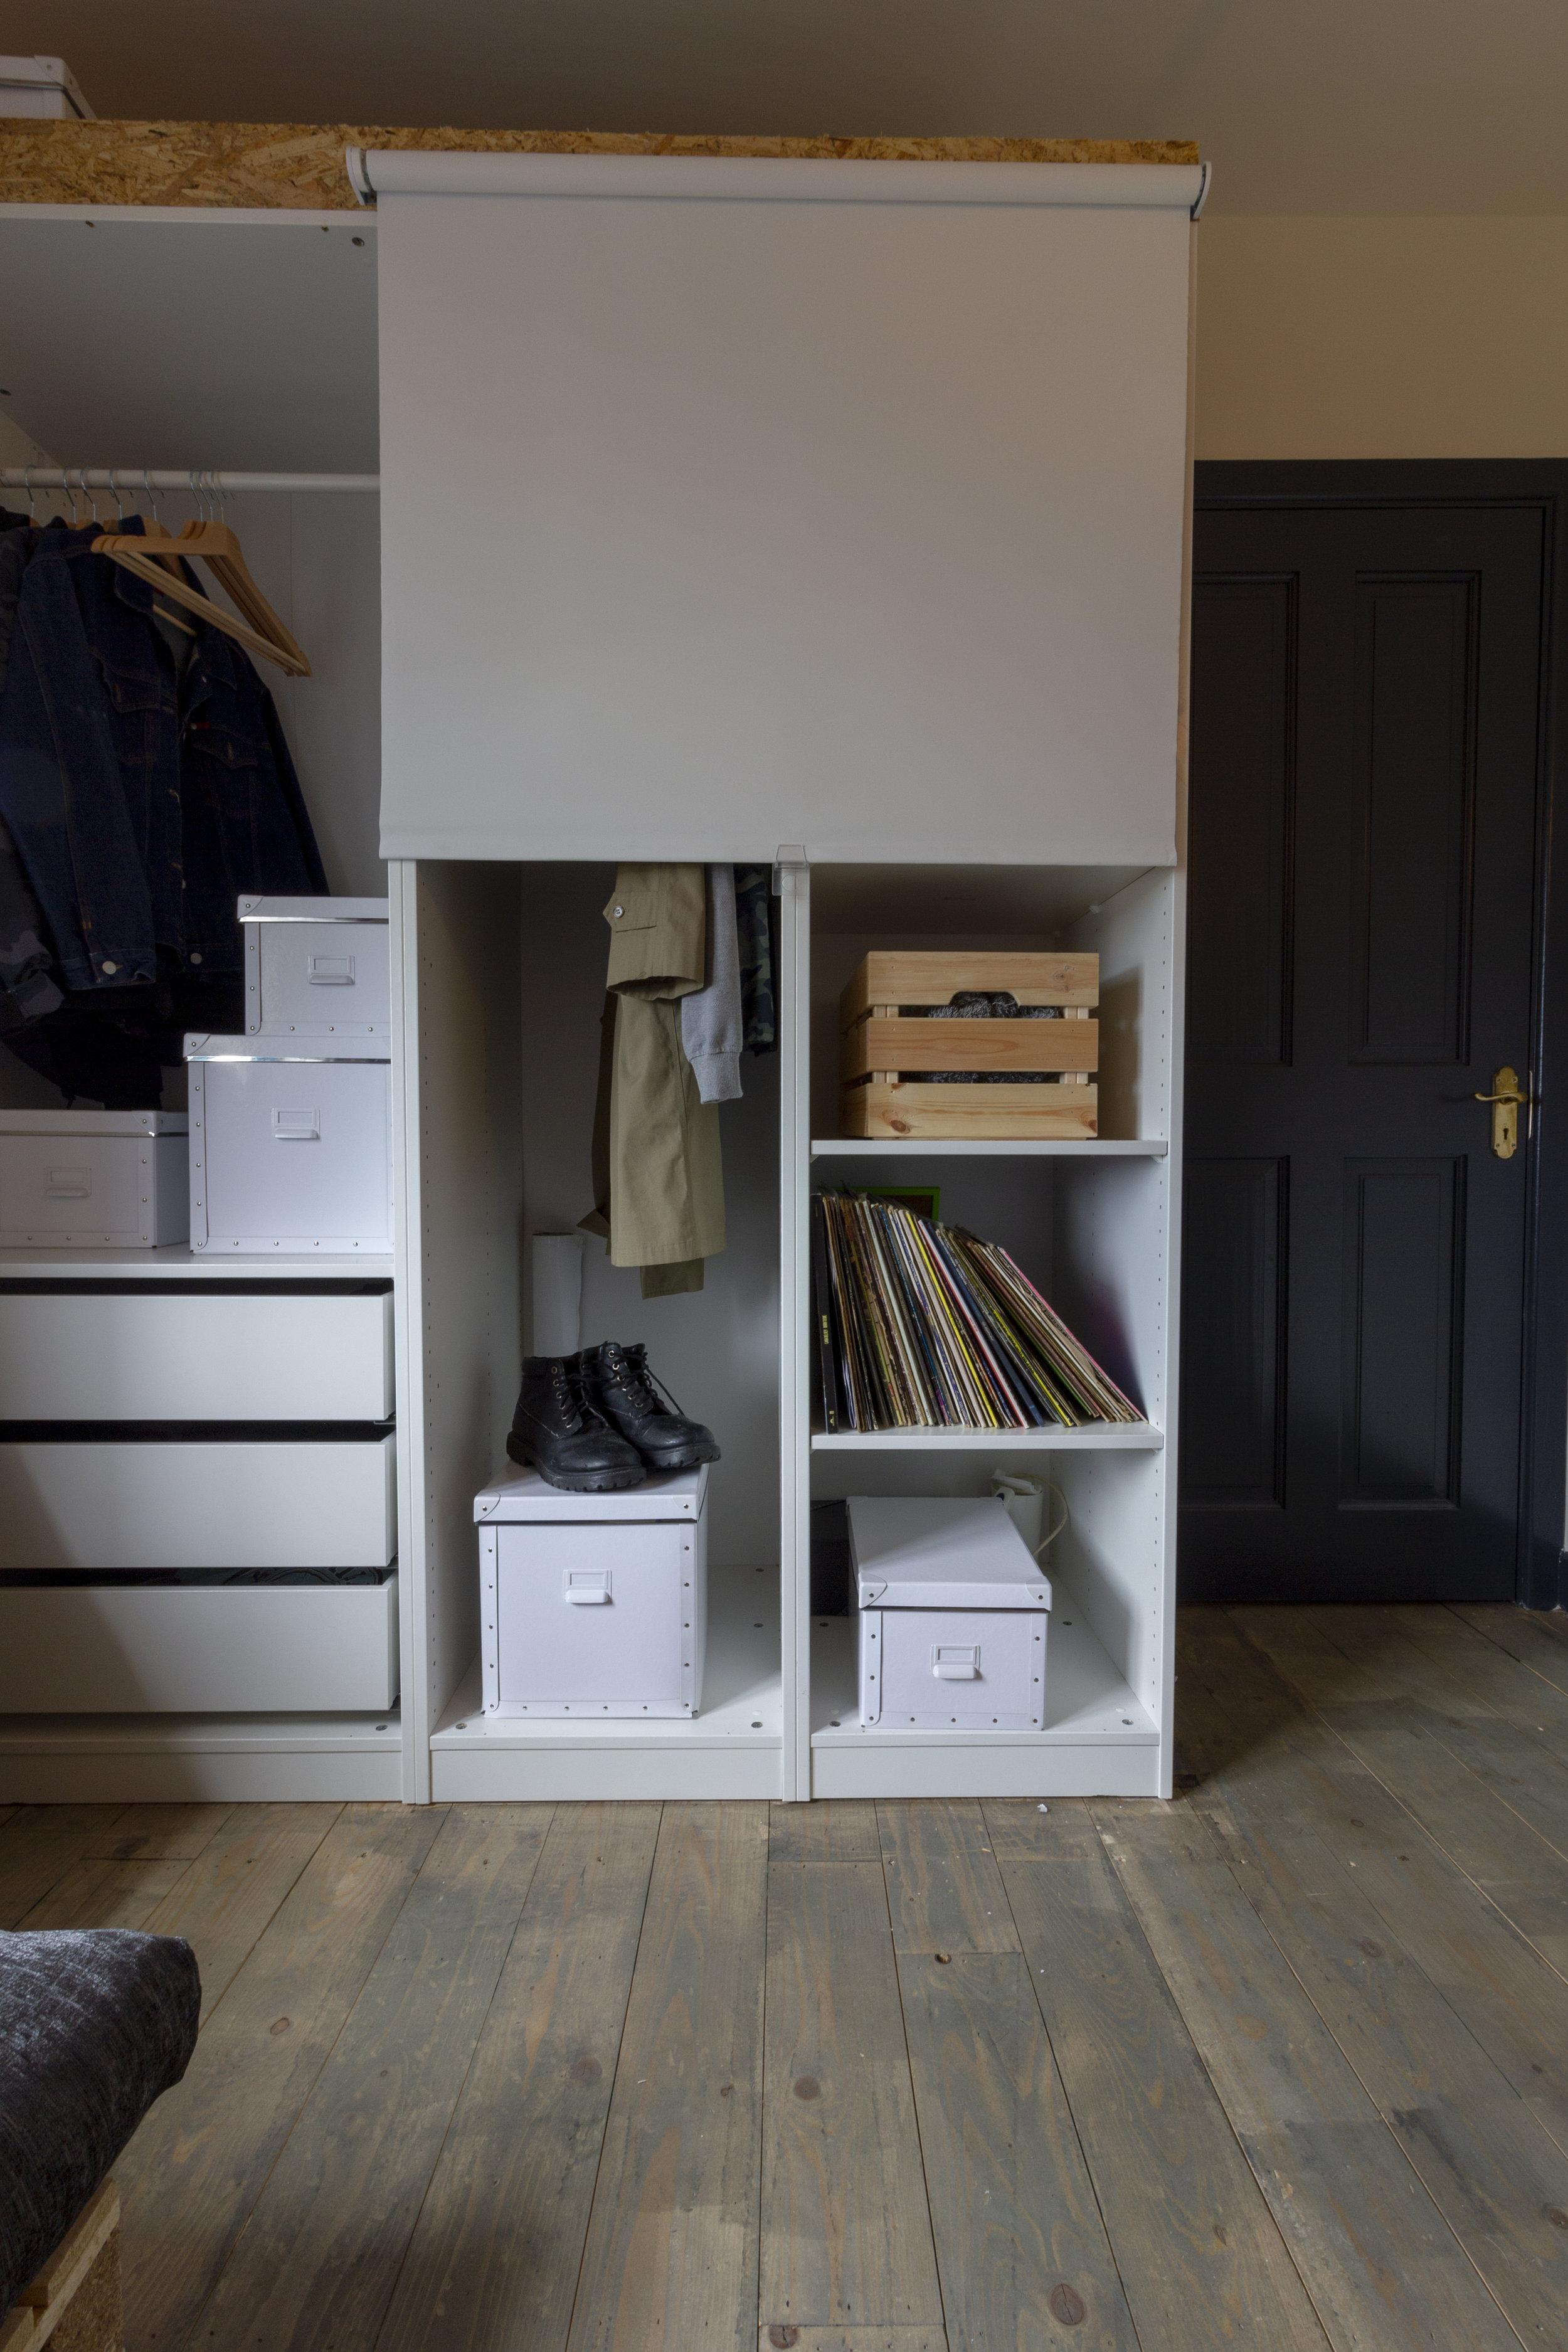 HR - Laytown - After - Bedroom 7.jpg